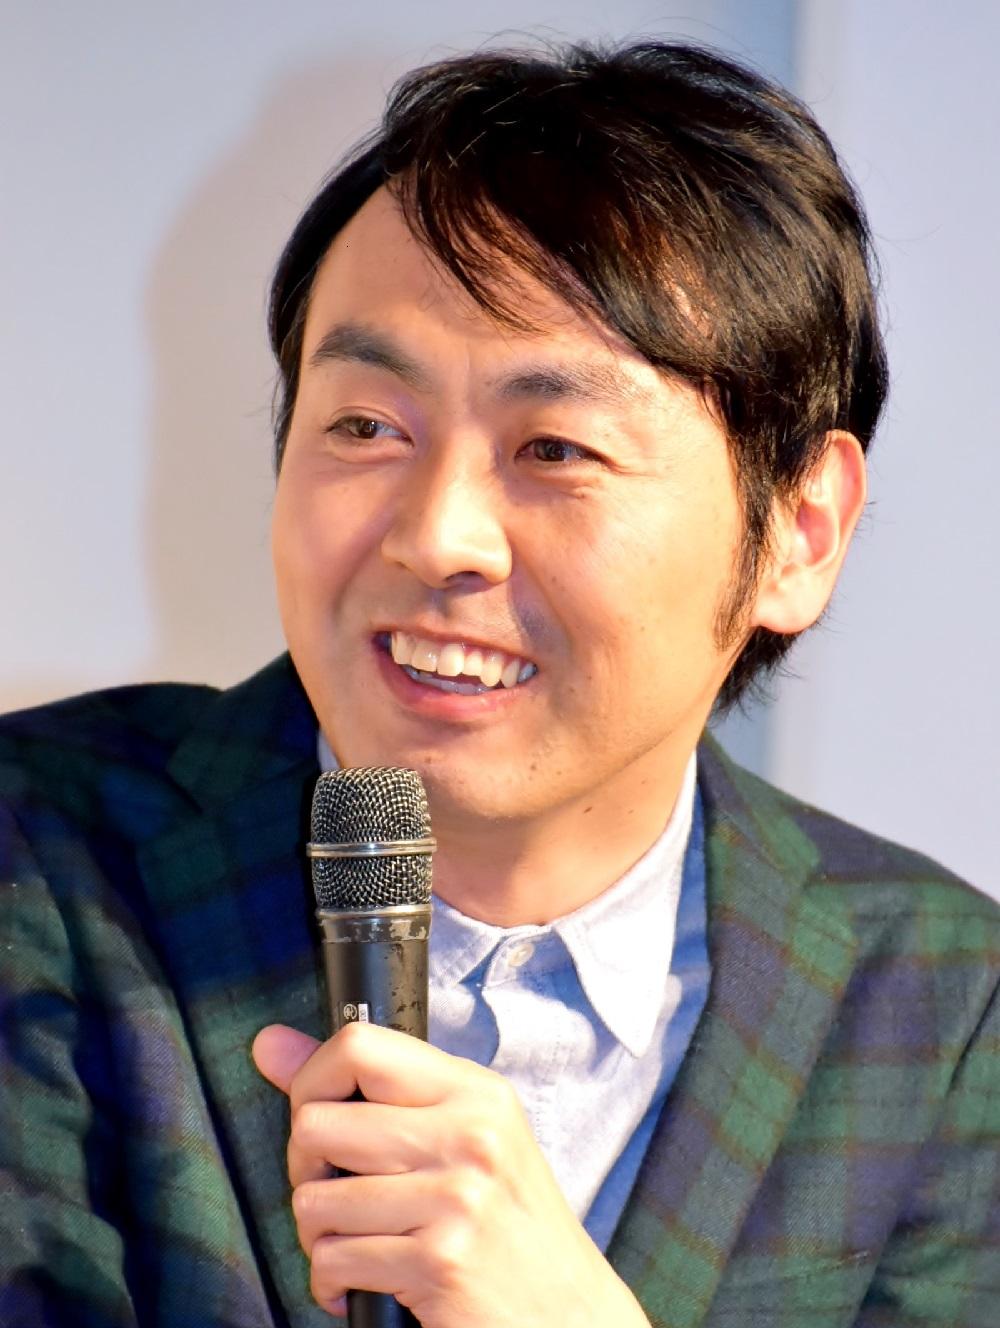 田中卓志、インスタグラムで好感度爆上げ中?